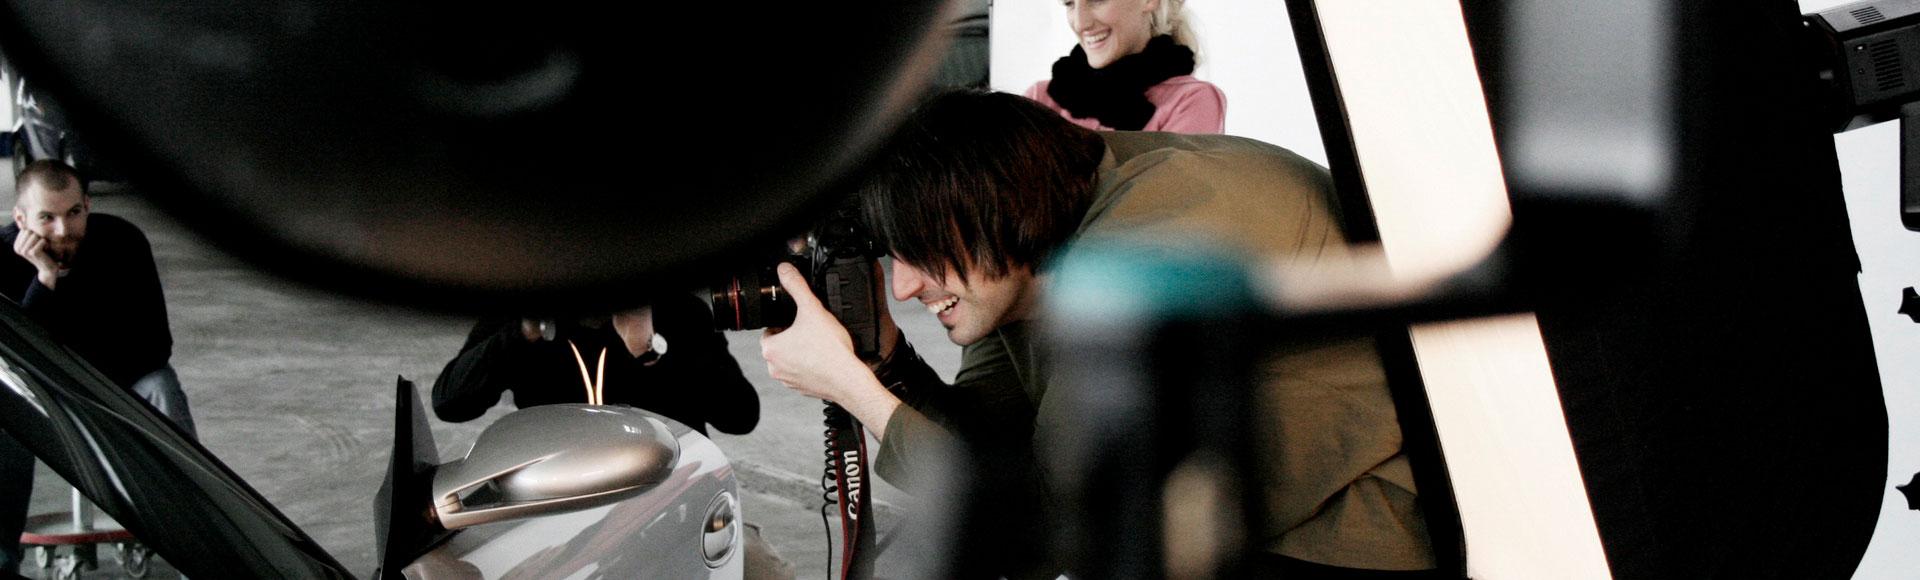 Felix Holzer Shoot 2006